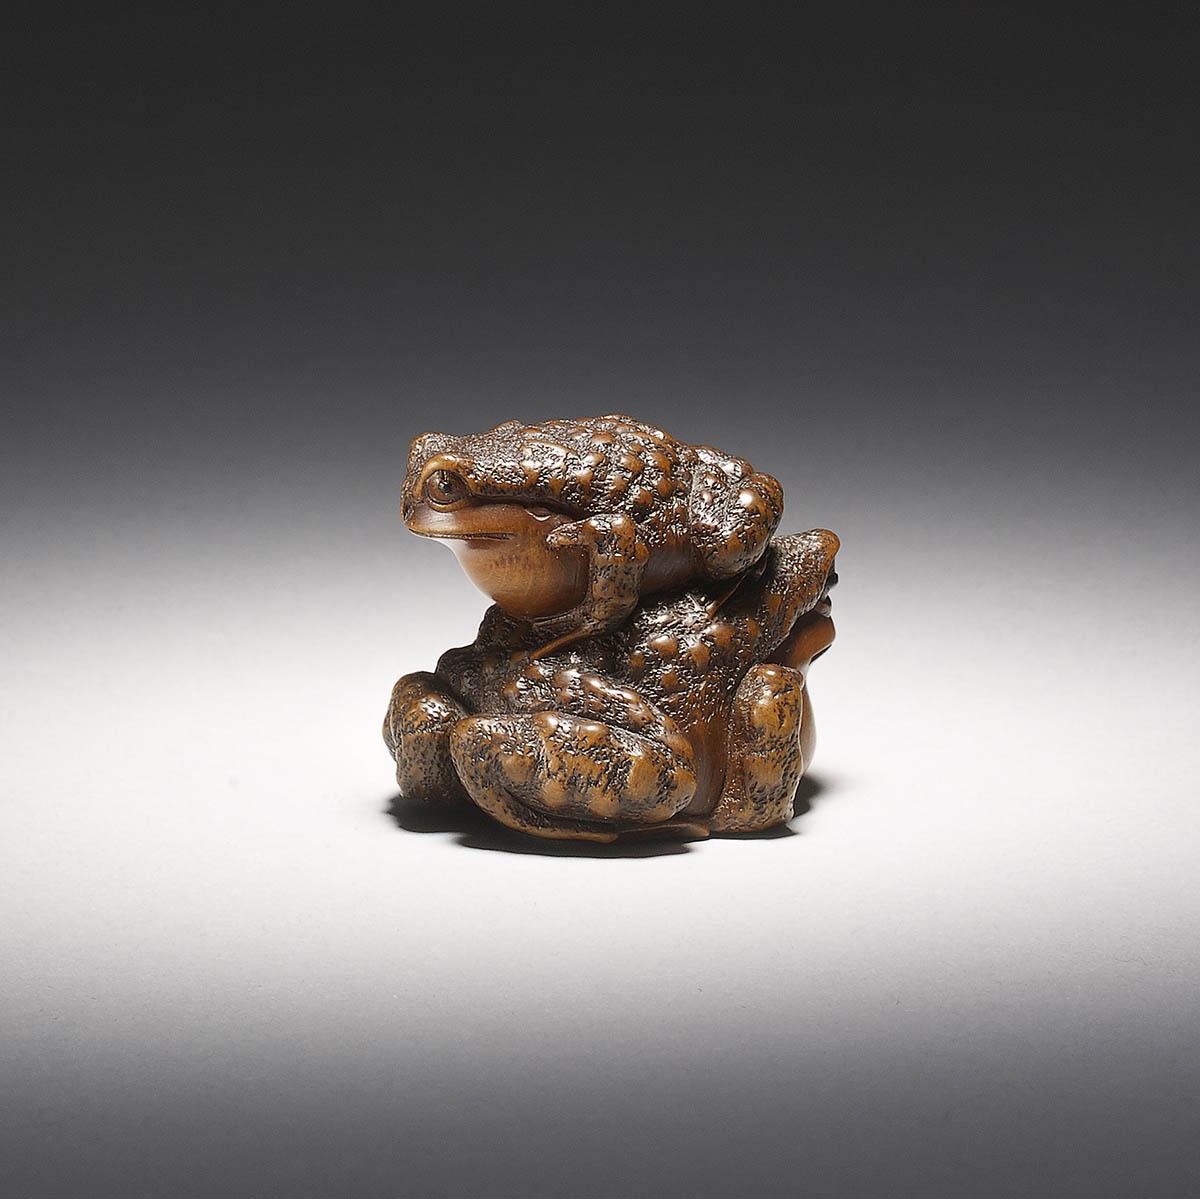 Wood Netsuke of Frogs by Masanao of Yamada back view